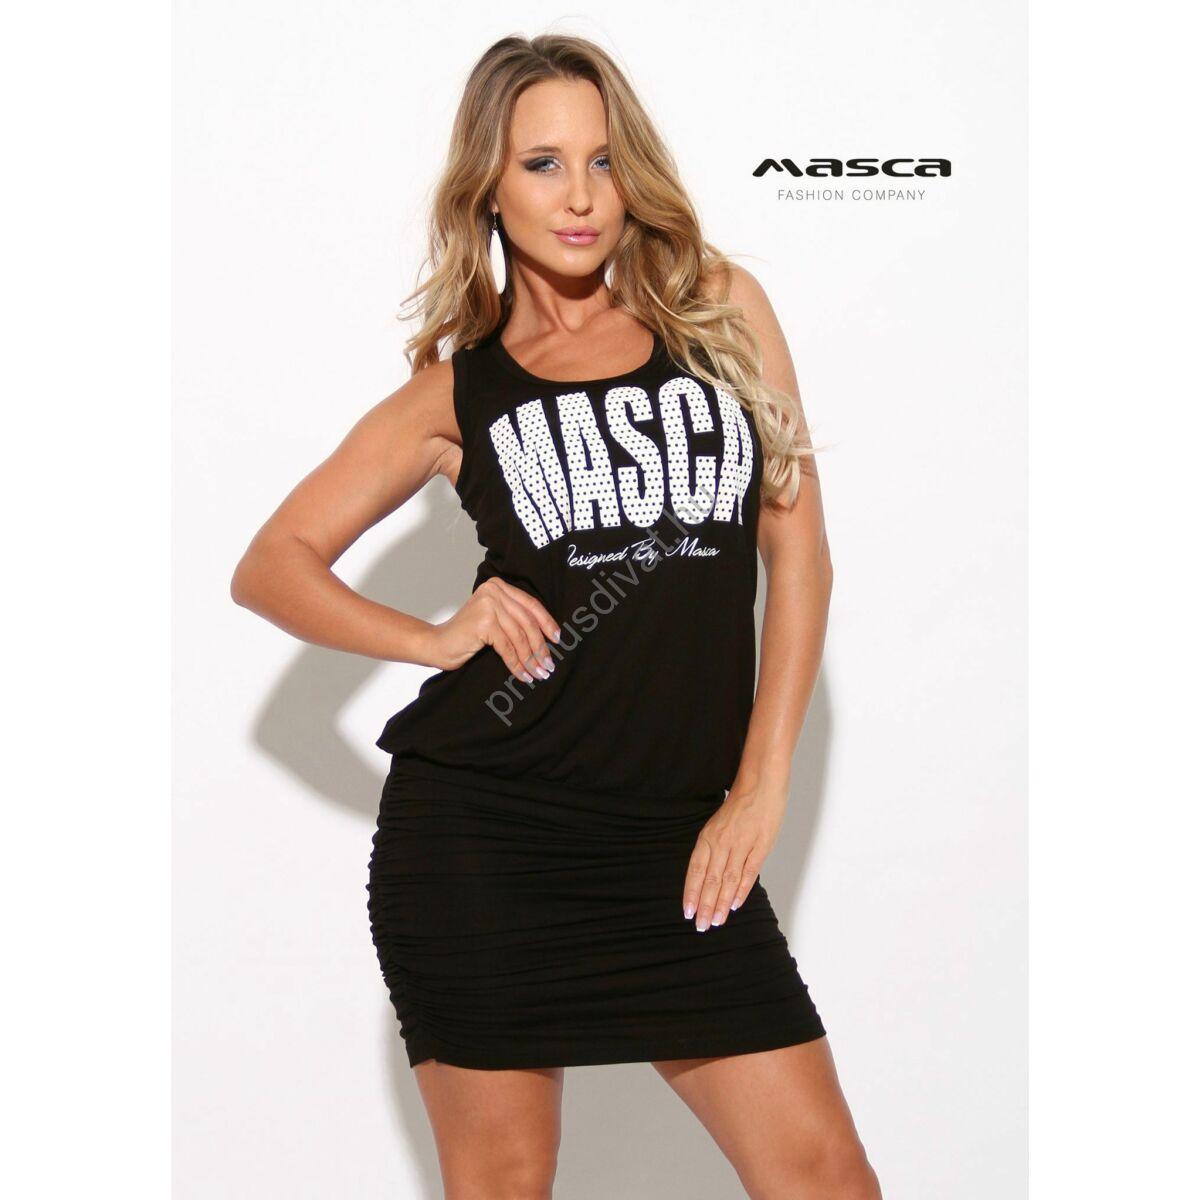 e7017061f2 Kép 1/1 - Masca Fashion trikópántos fekete viszkóz miniruha, ráncolt  szoknyarésszel, pöttyös fehér márkafelirattal